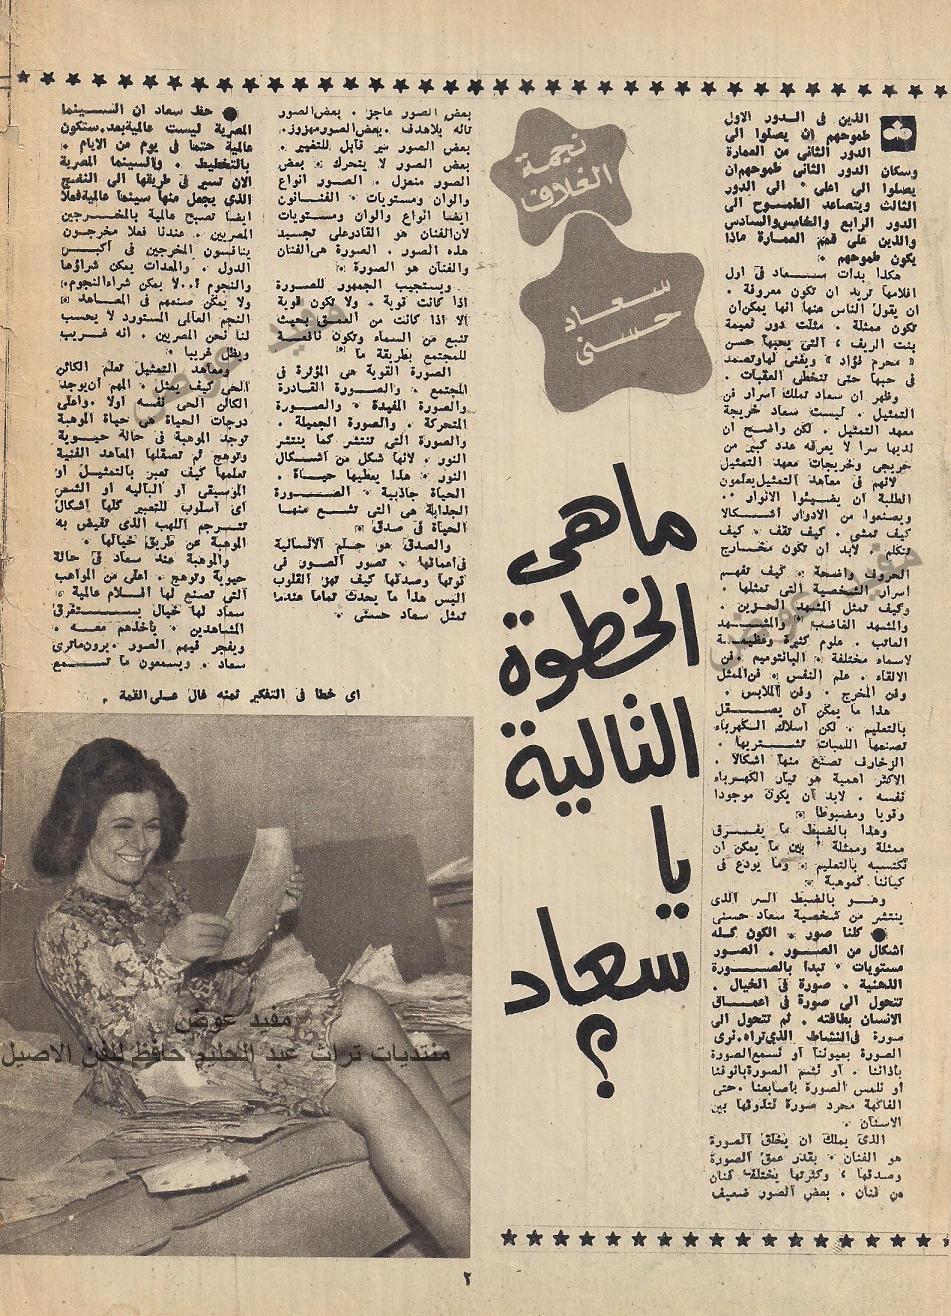 مقال صحفي : ماهي الخطوة التالية ياسعاد ؟ 1976 م 2113